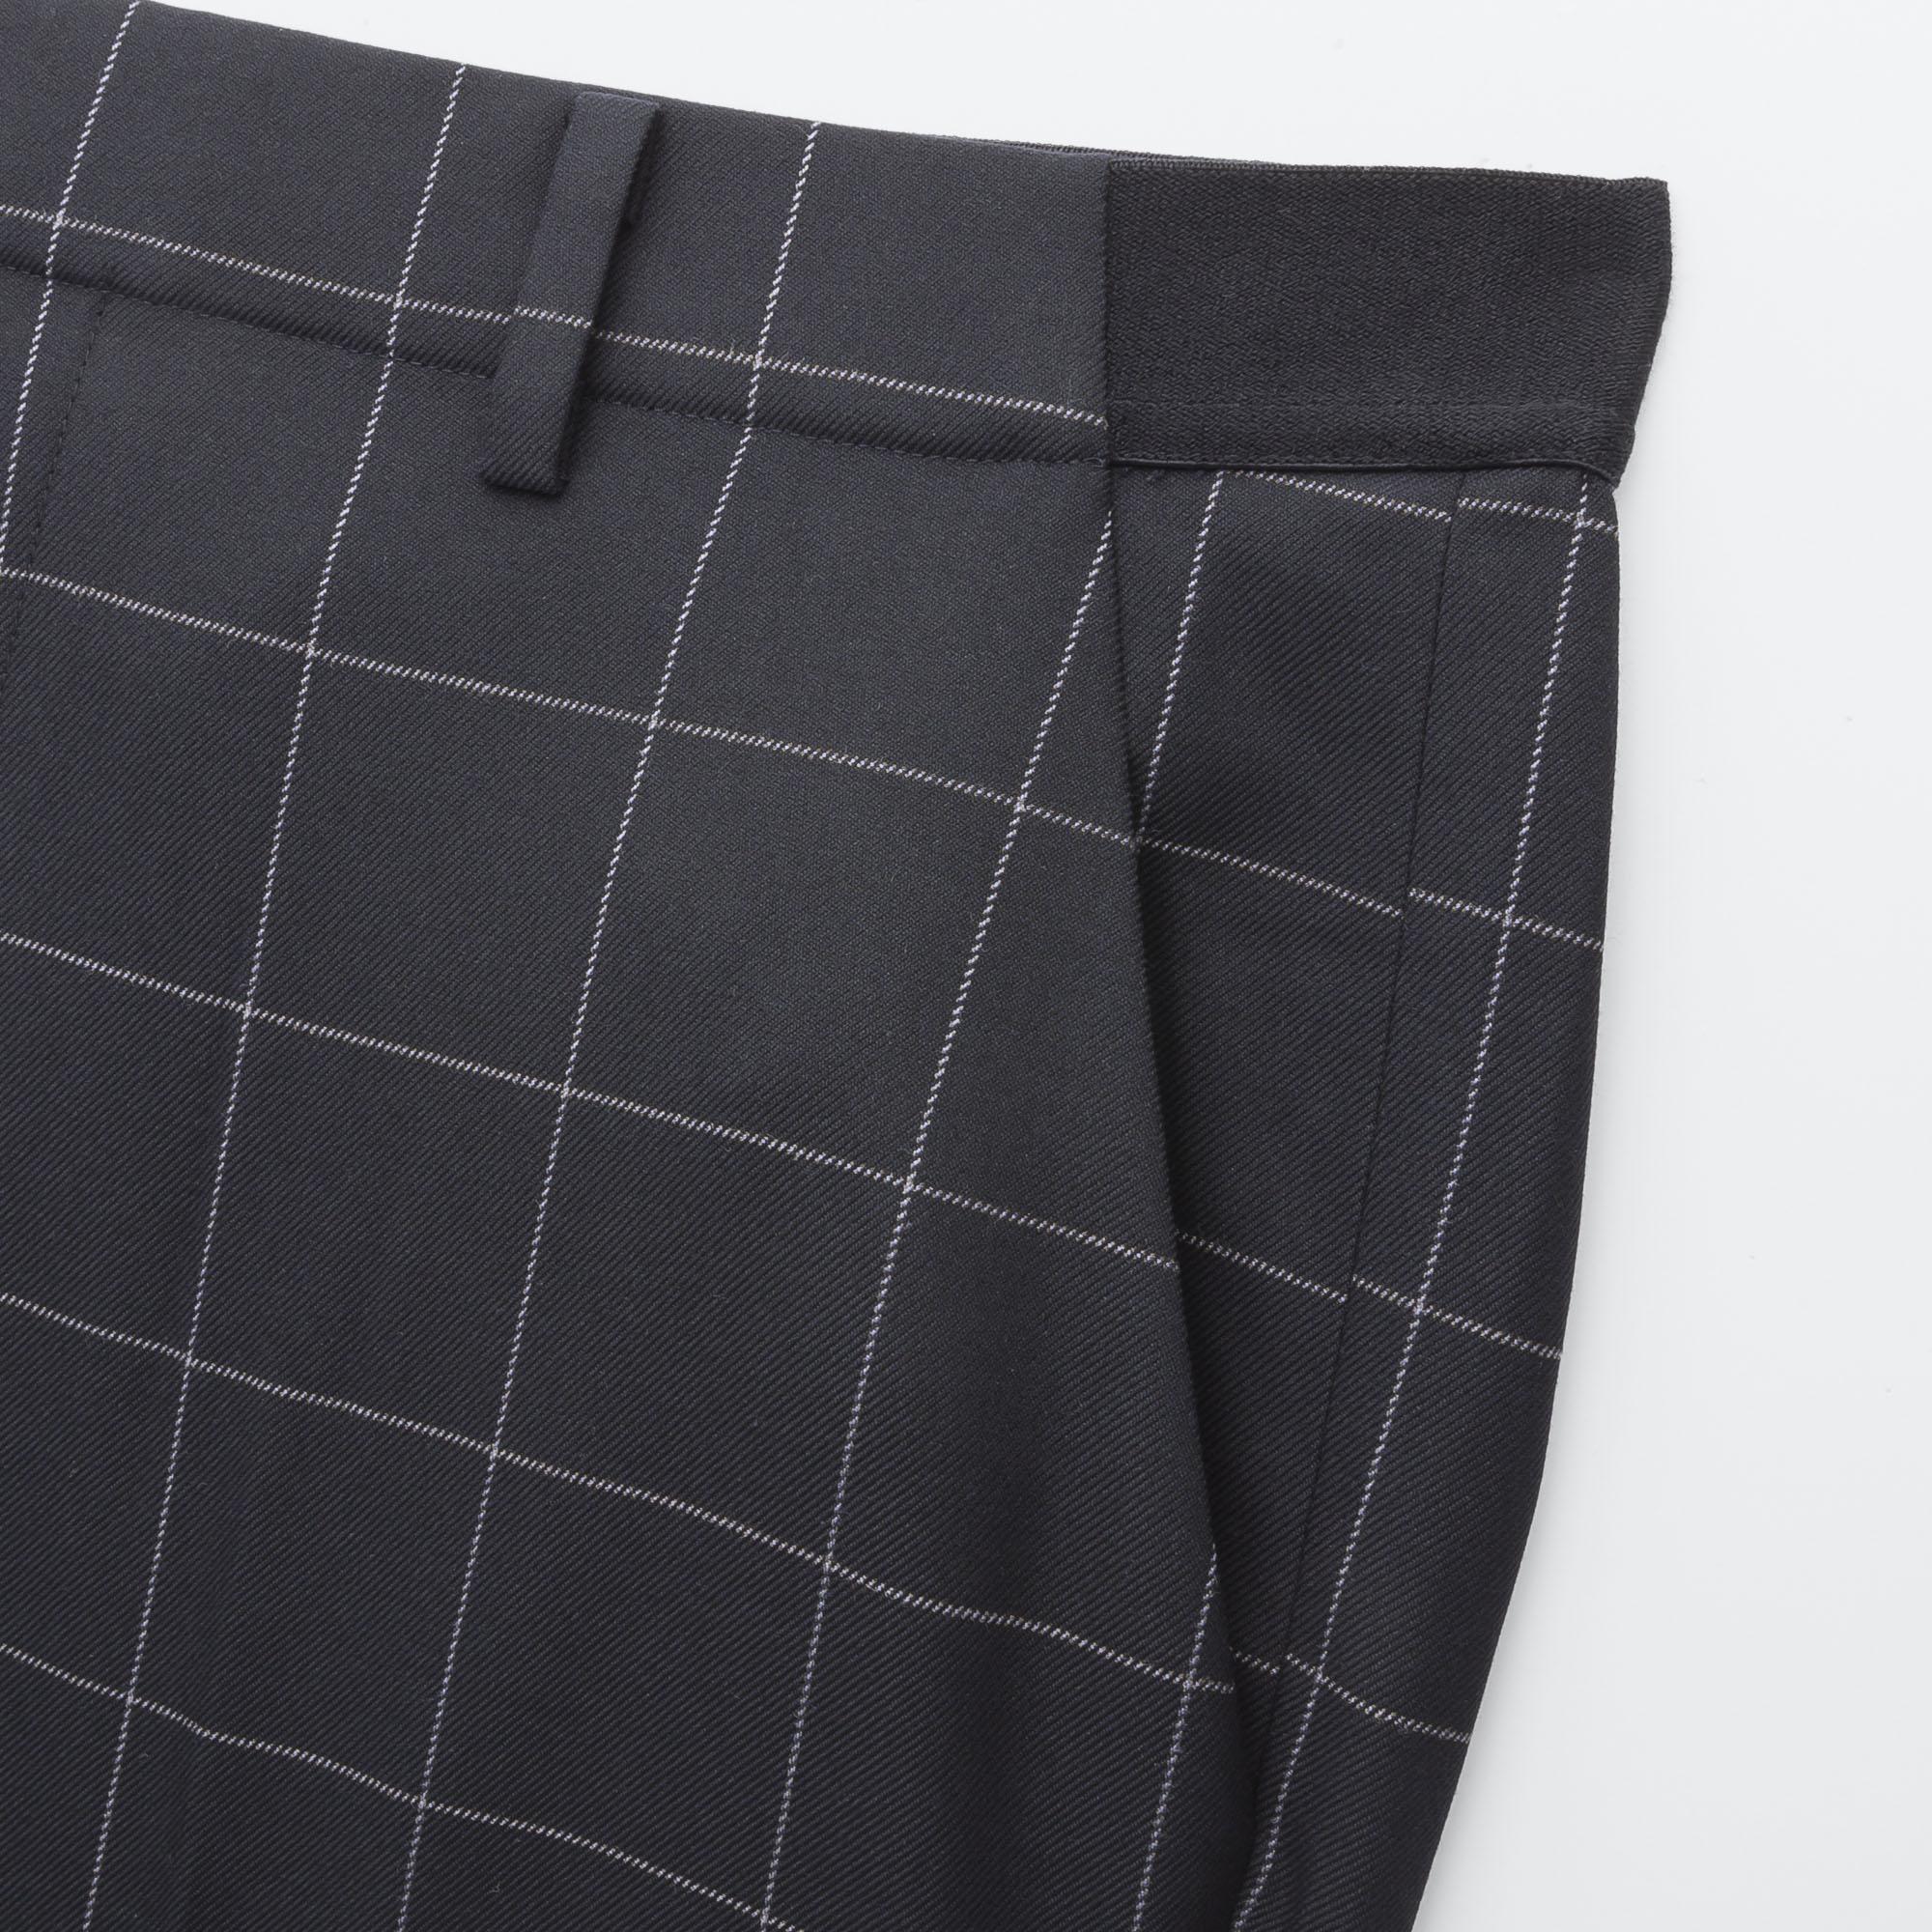 UNIQLO  kini kembali hadir dengan koleksi Ezy Pants terbarunya untuk musim gugur dan musim dingin tahun 2018. Ezy Pants terdiri dari Ezy Ankle Pants, Ezy Jeans, dan Ezy Skinny Fit Color yang ketiganya sudah tersedia di semua toko UNIQLO yang ada di Indonesia.